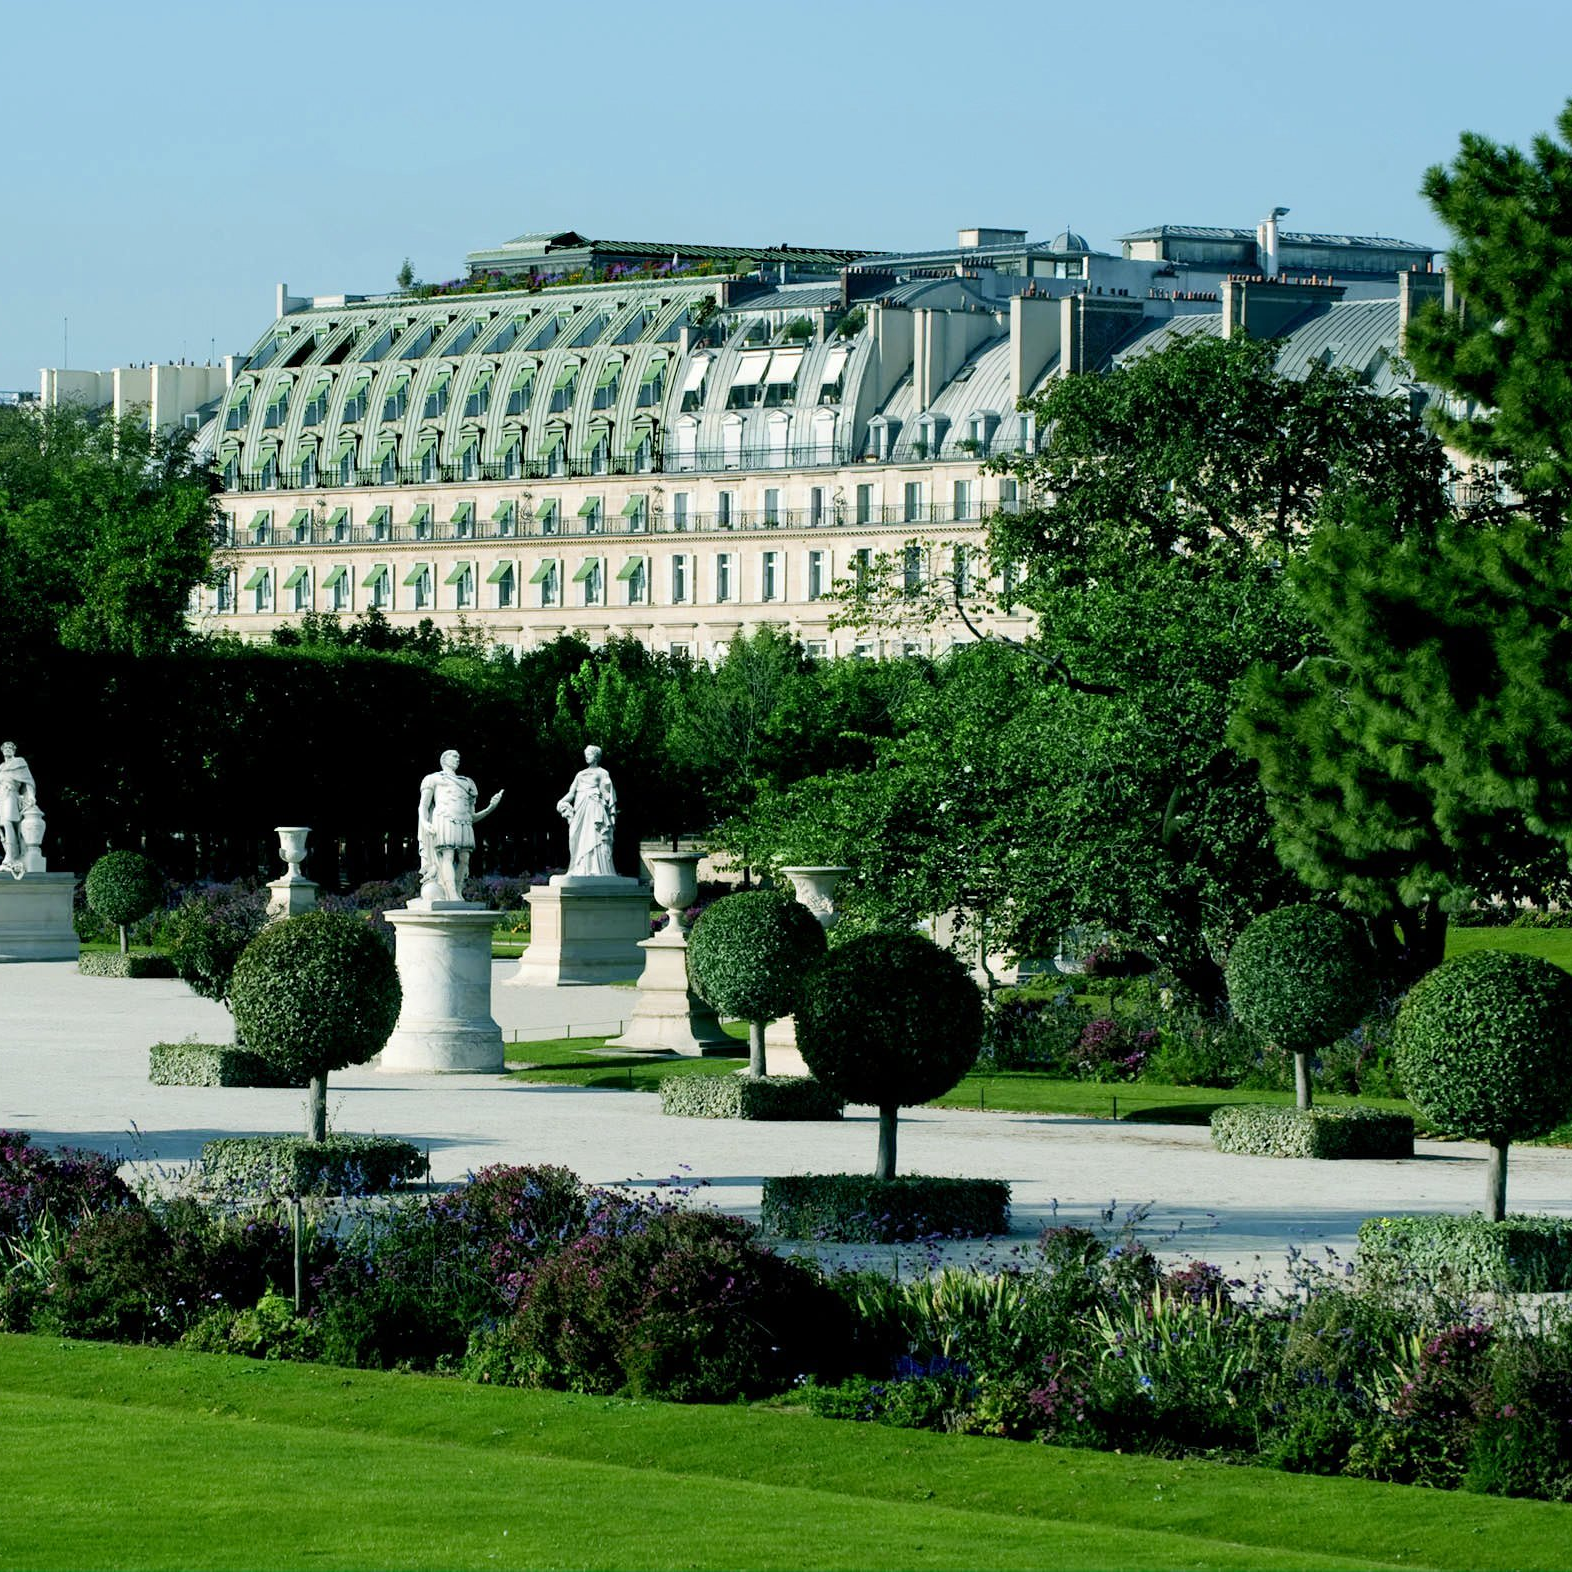 Le Meurice in Paris